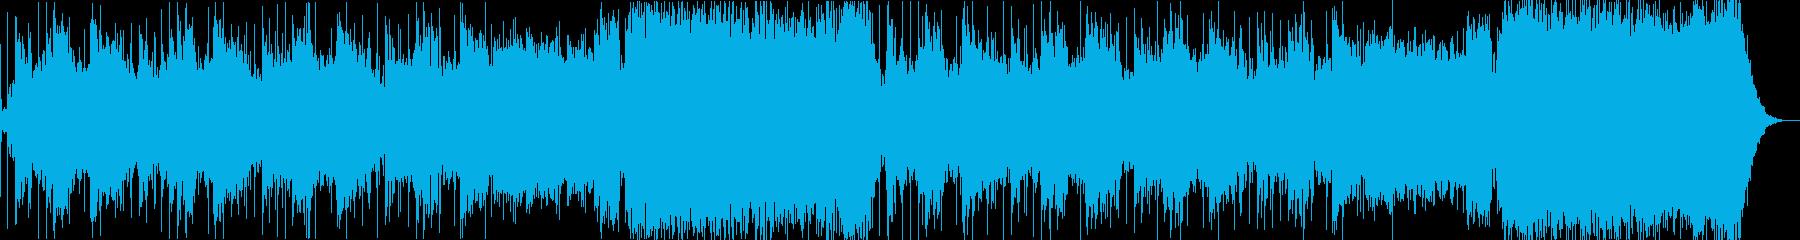 ダークで神聖なアンビエントシンセの再生済みの波形